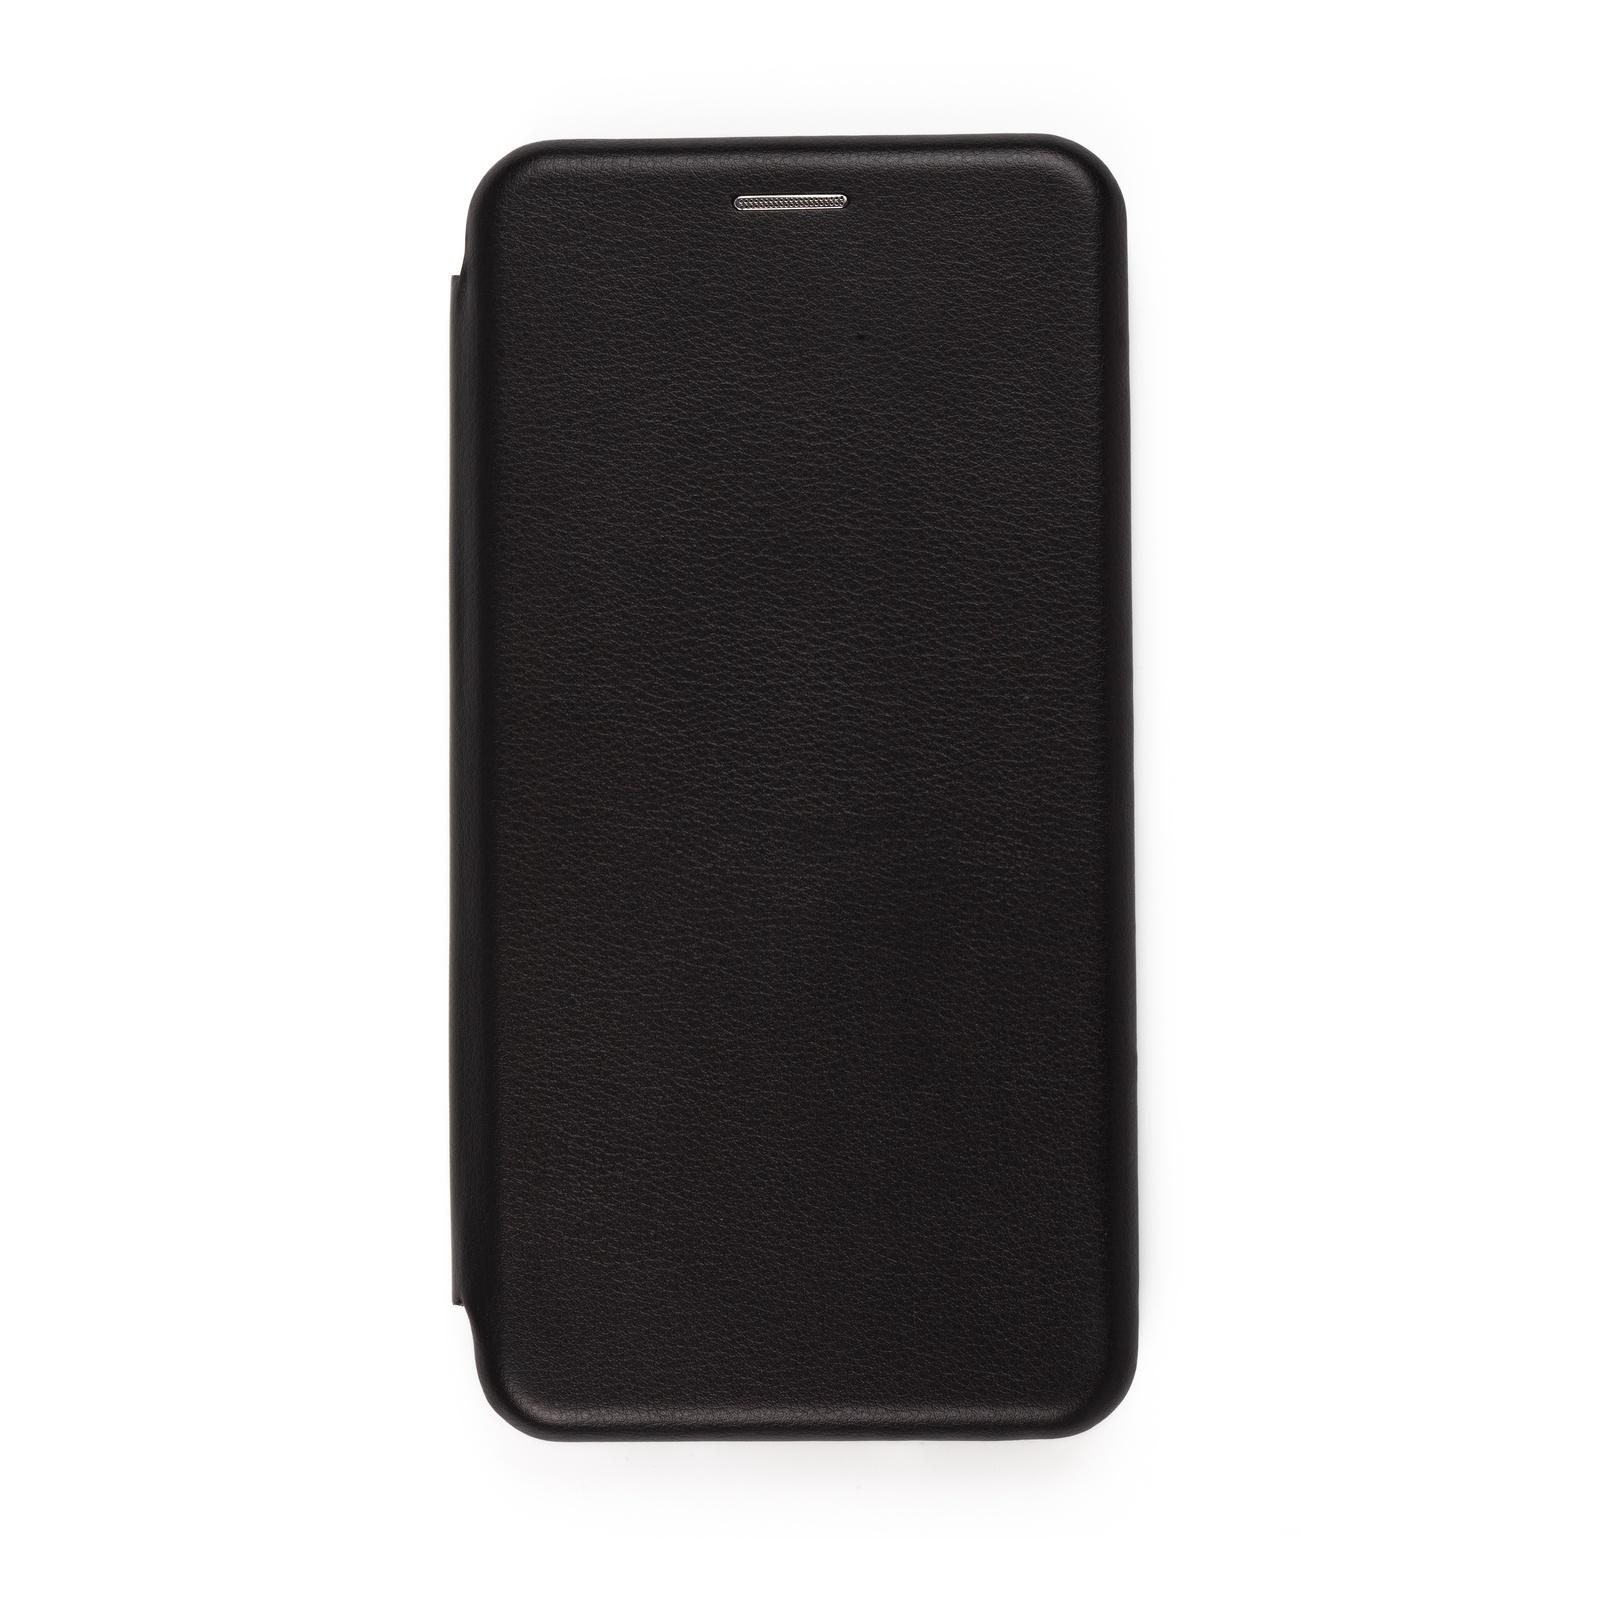 Чехол для сотового телефона книжка для Huawei Honor 10 Lite/P Smart (2019), черный